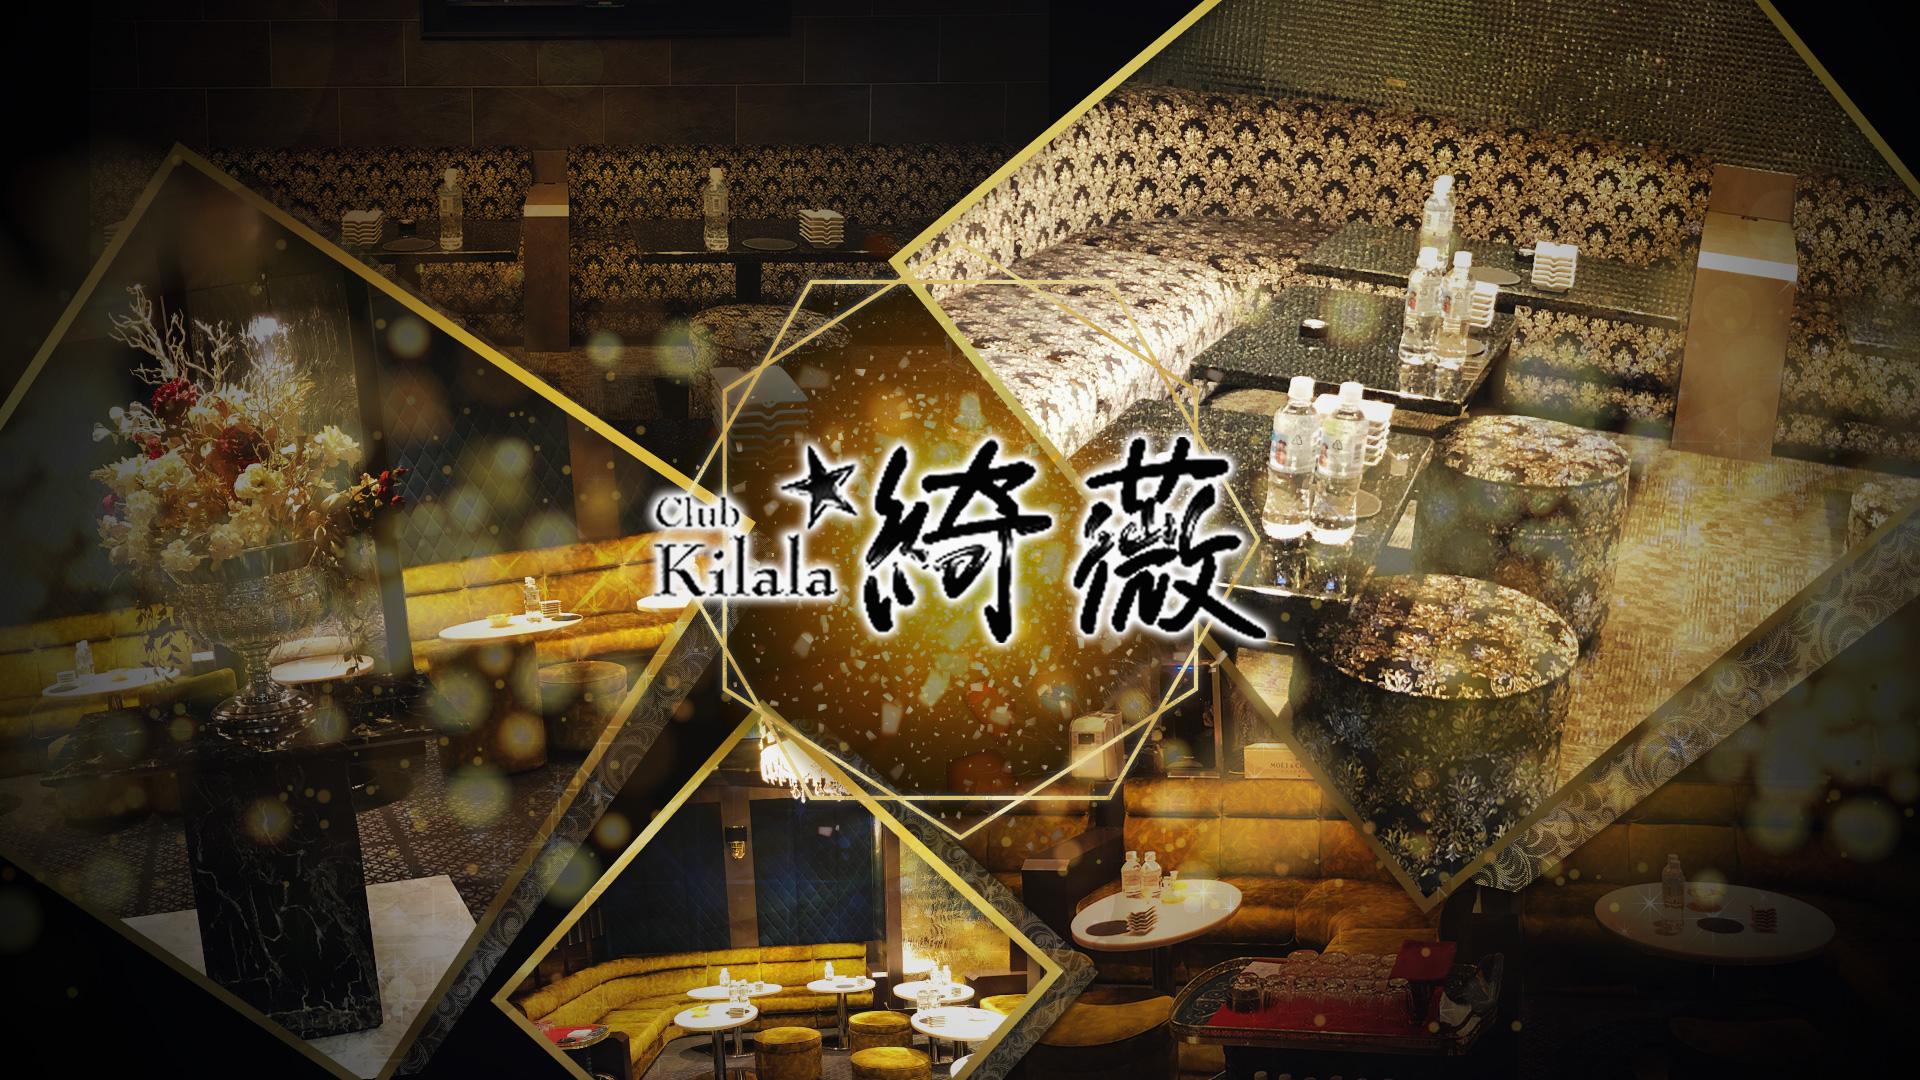 Club kilala 綺薇[キララ] 静岡 キャバクラ TOP画像